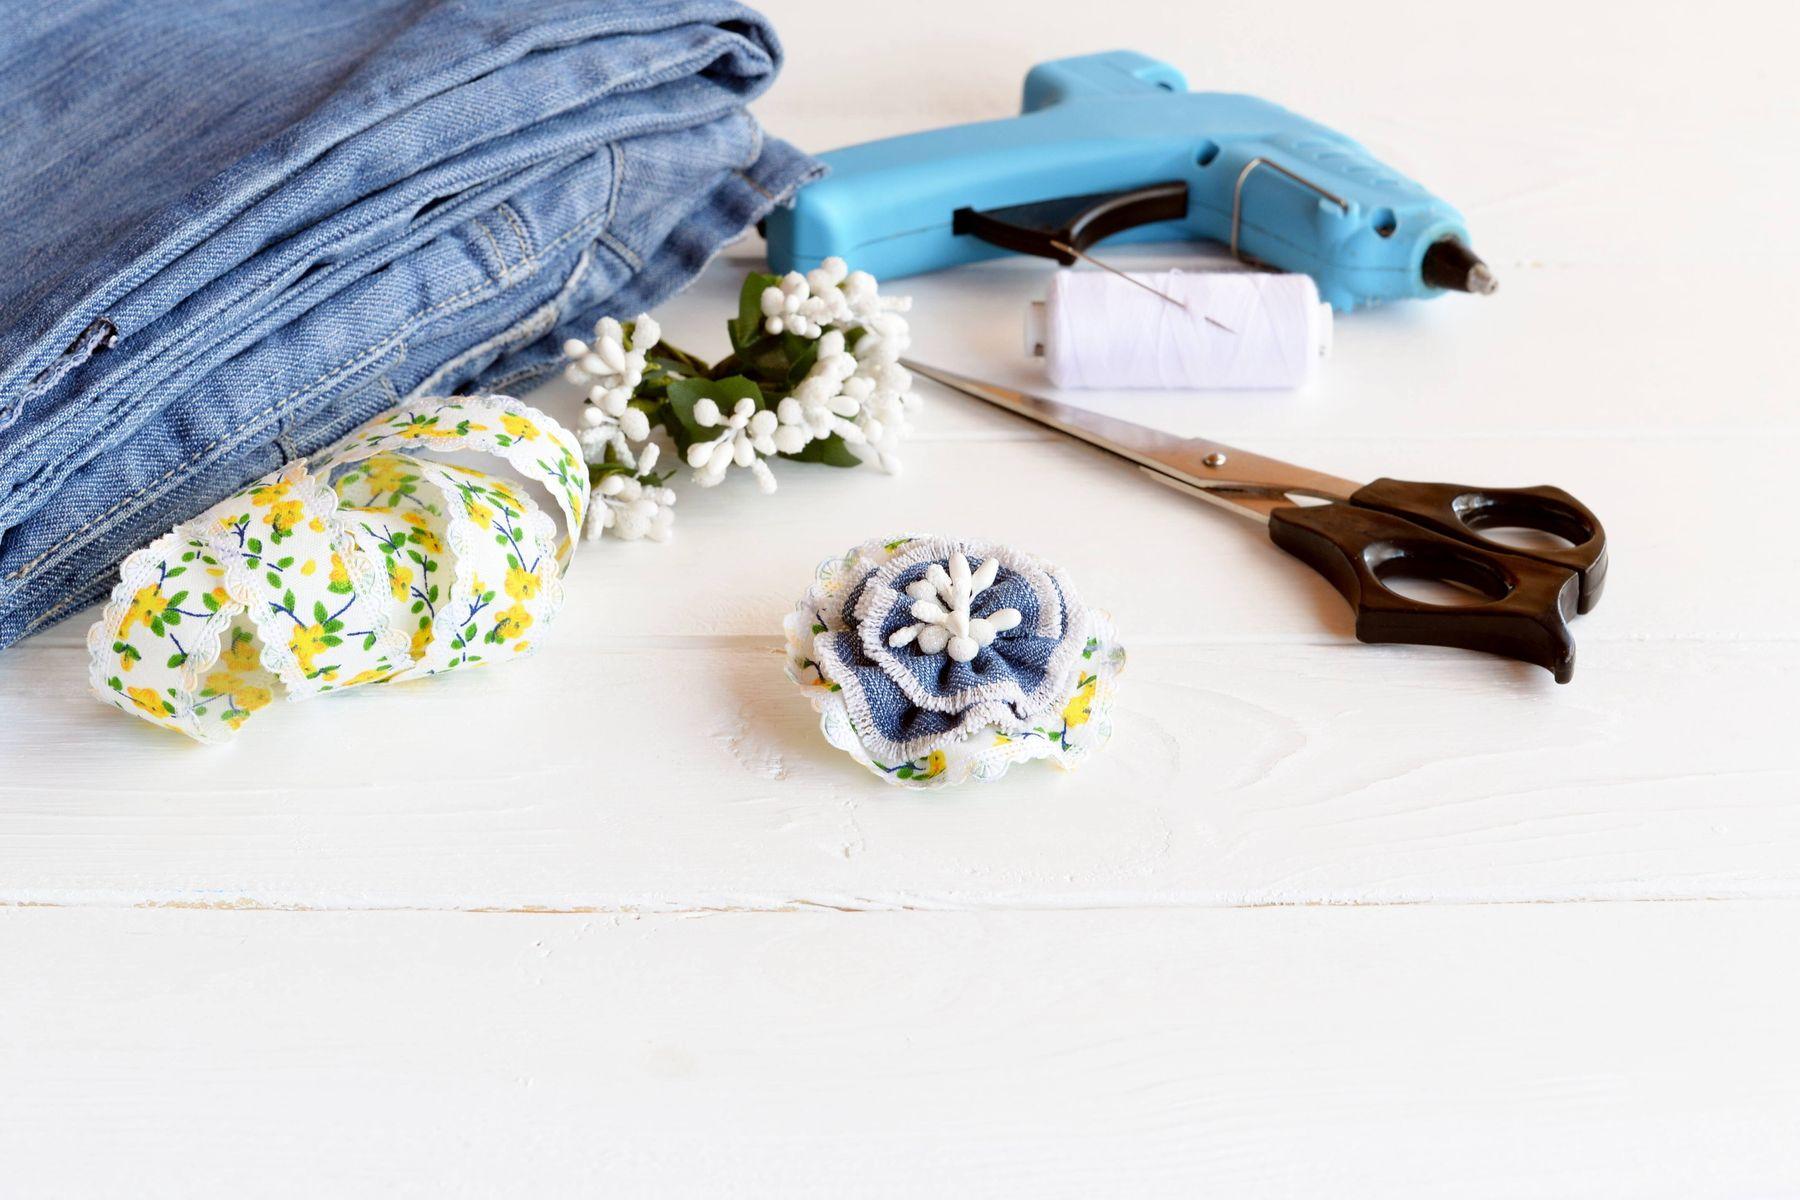 4 Cách mix quần áo cho bé trai thật sành điệu khi đi chúc Tết